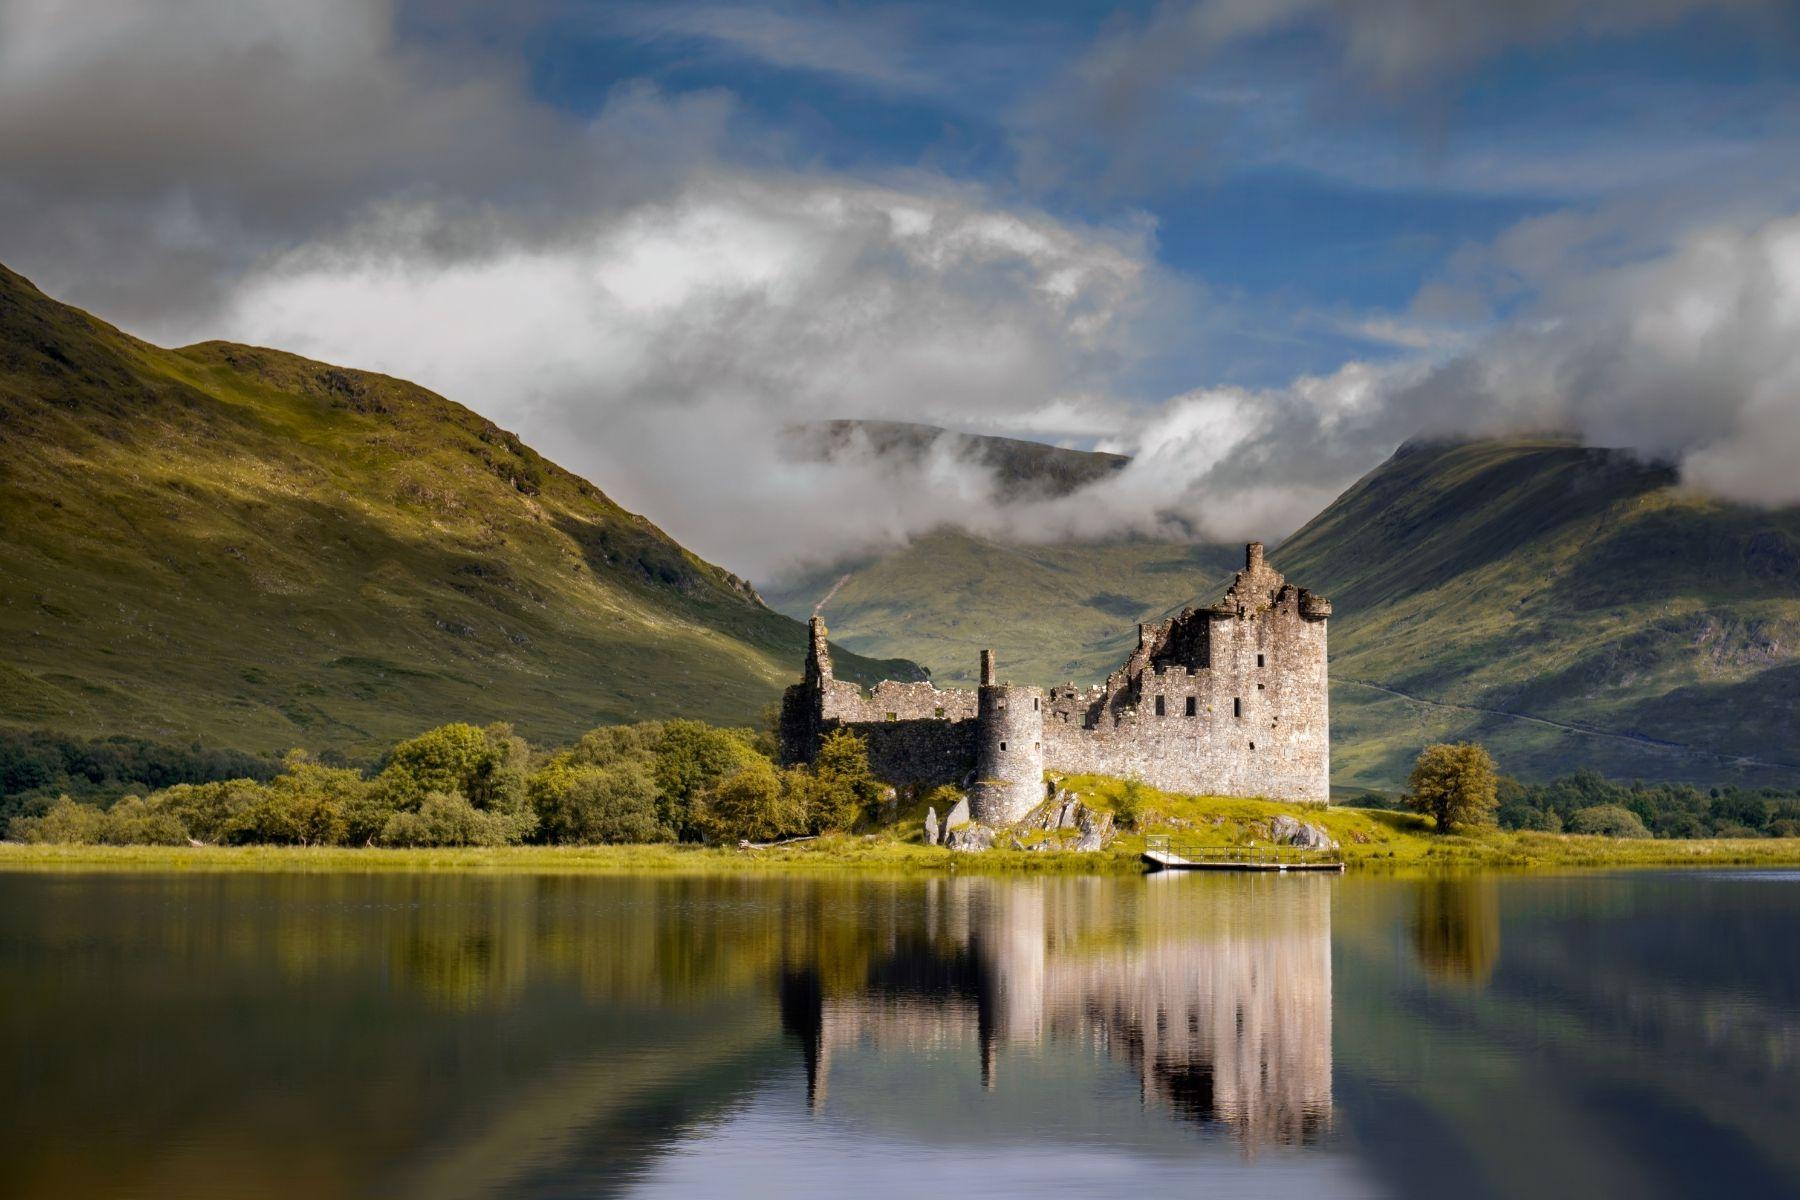 Scoția - Castelul Kilchurn